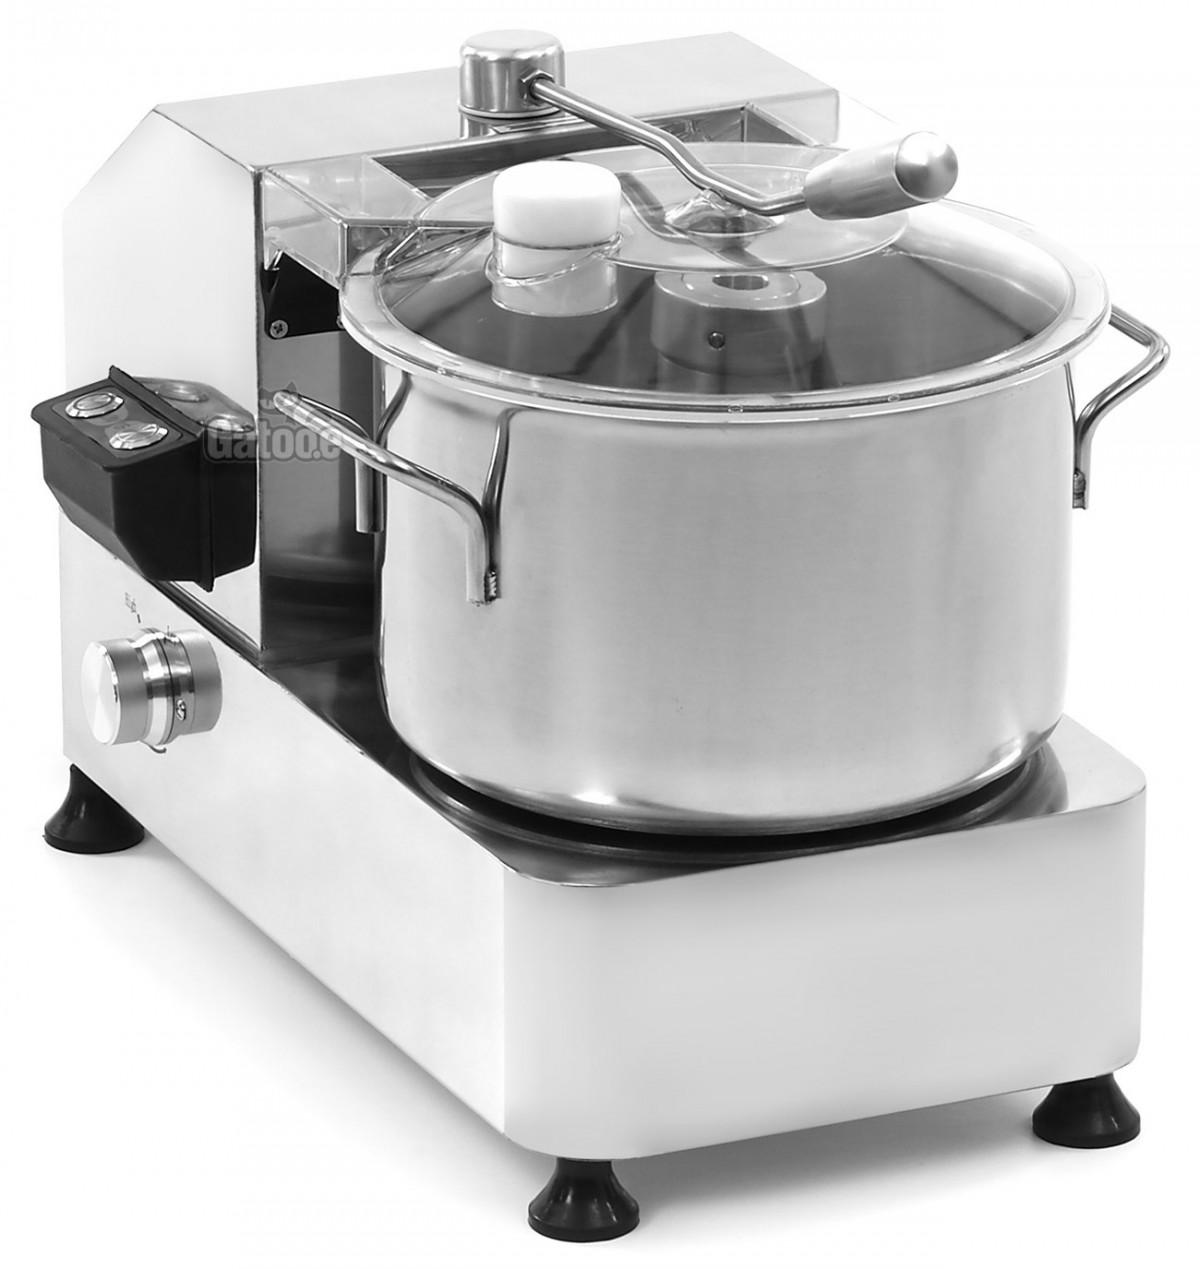 Cortador Procesador de Alimentos Profesional 6 Litros CX6 y 9 Litros CX9